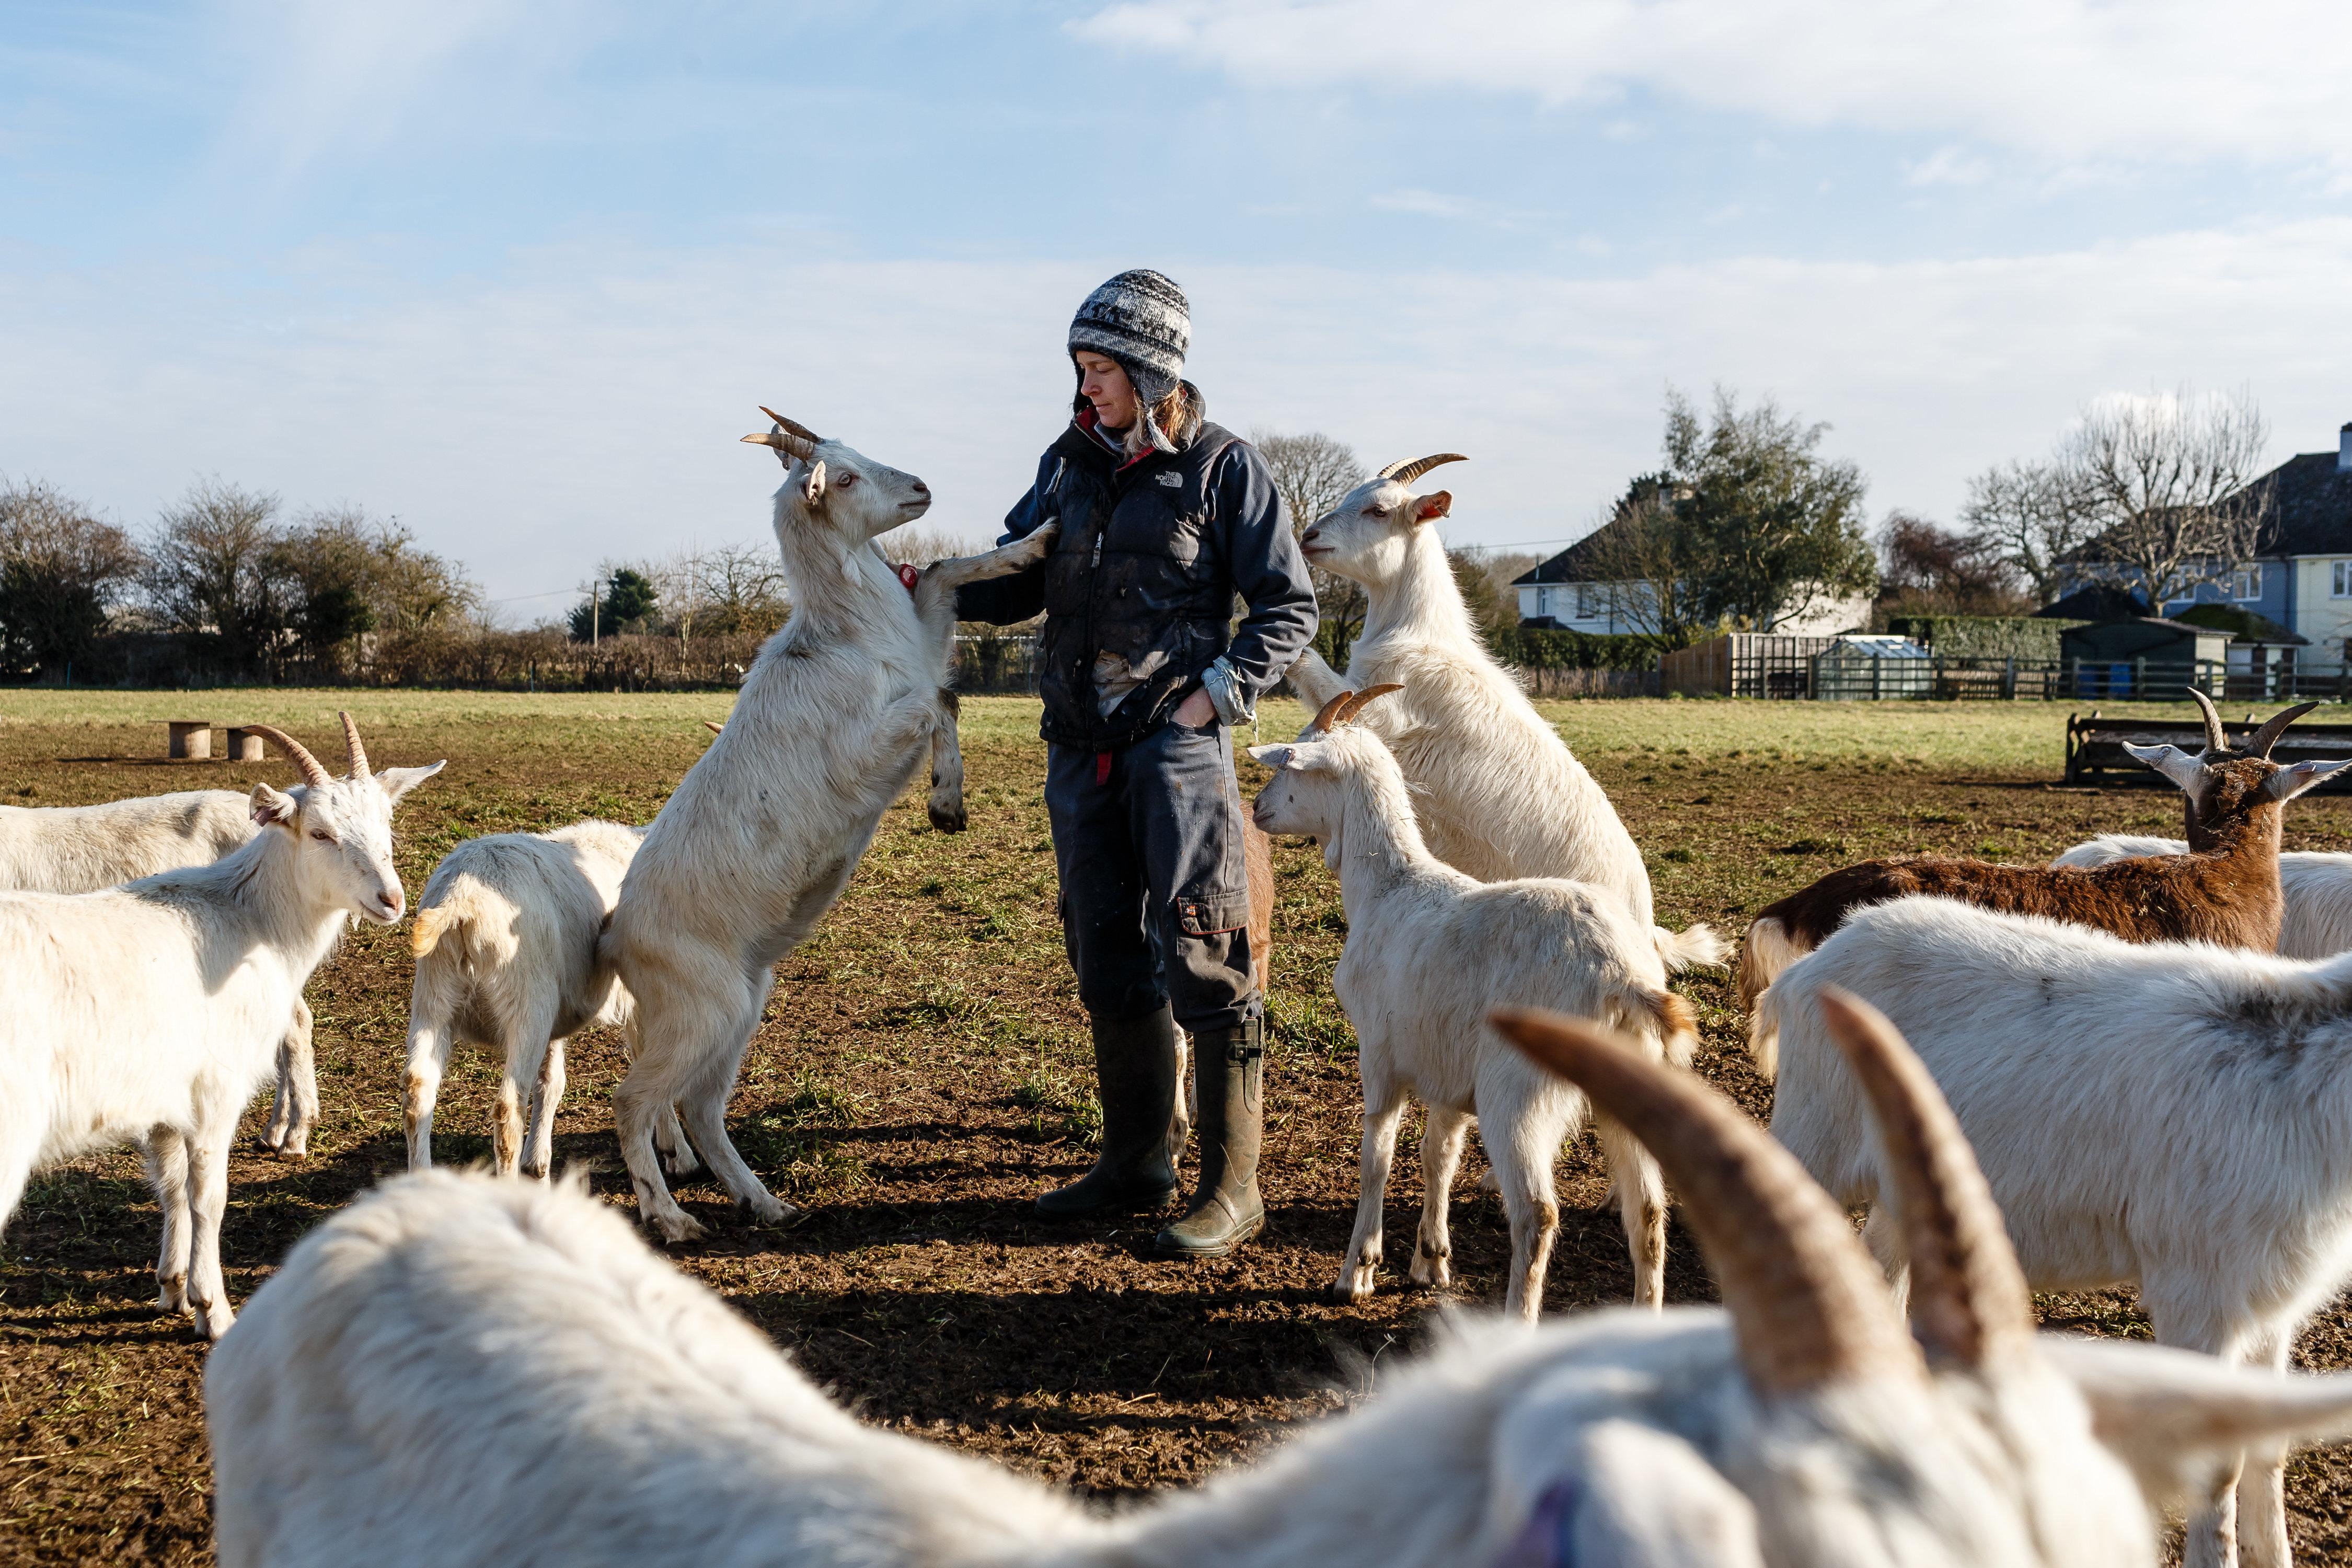 Warum ausgerechnet Ziegenfleisch den Fleischkonsum revolutionieren